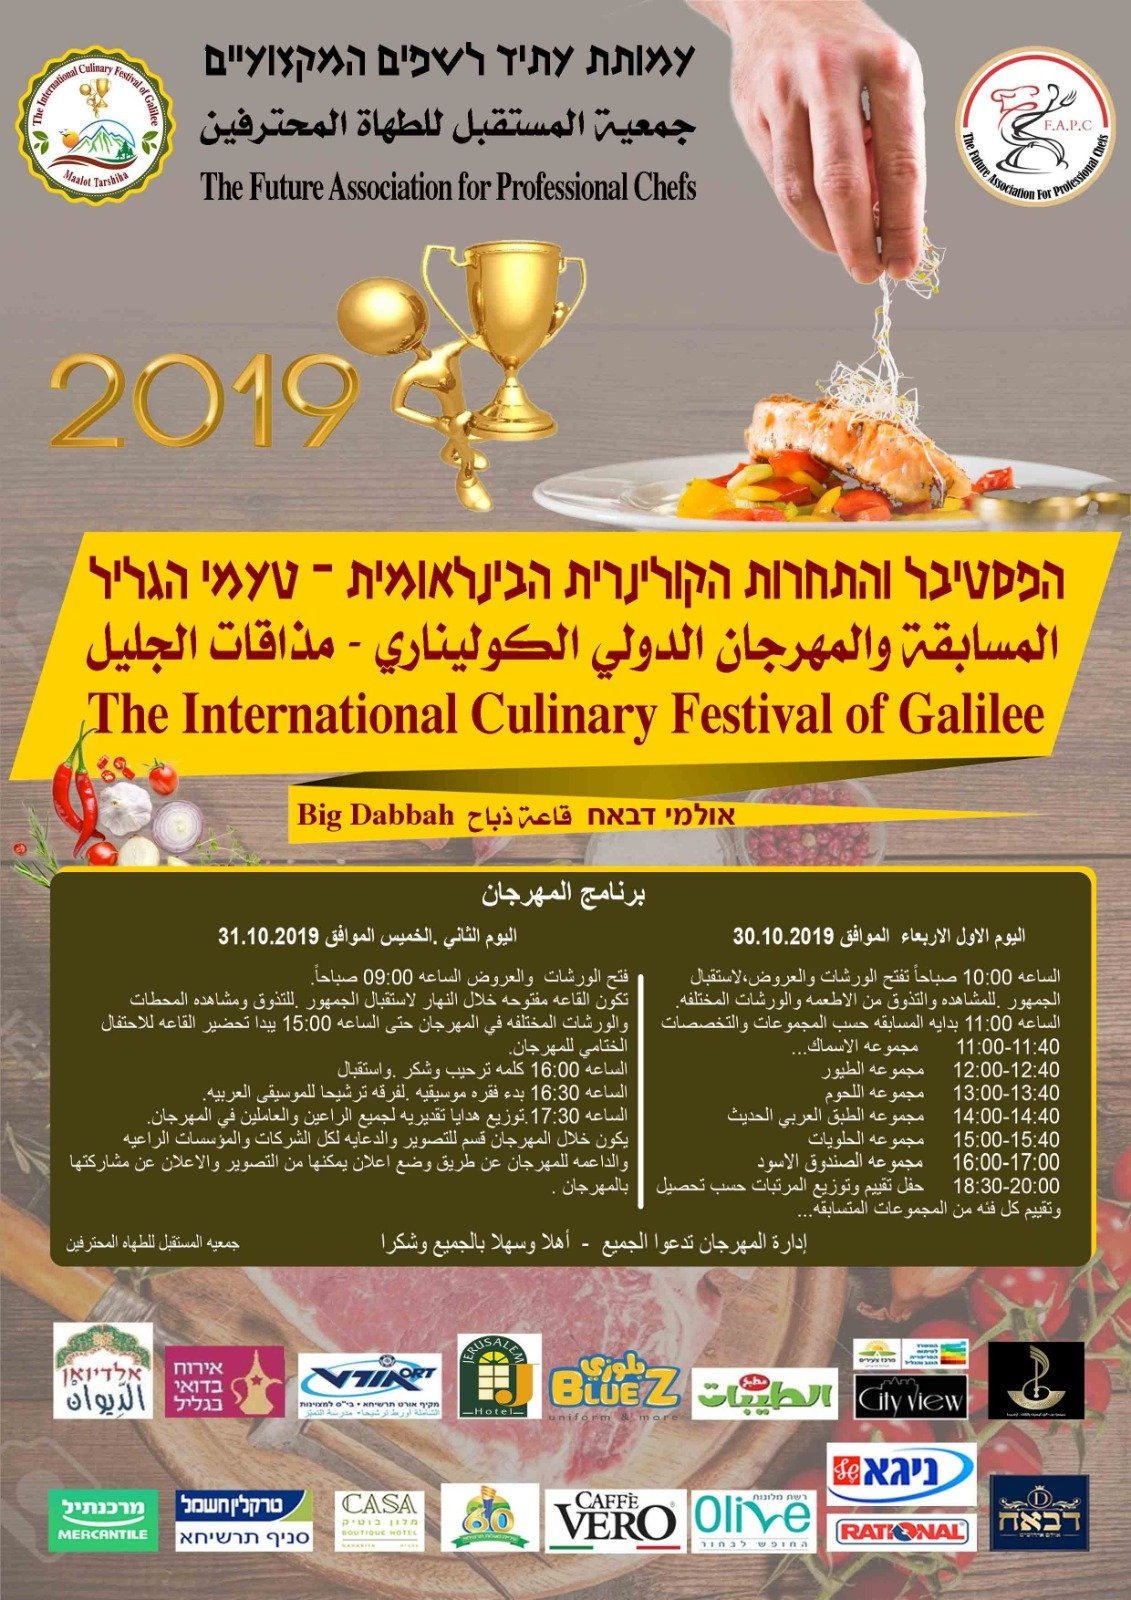 فرقة ترشيحا للموسيقى العربية تحيي الأمسية النهائية في مهرجان ومسابقة الكوليناري الدولي في ترشيحا